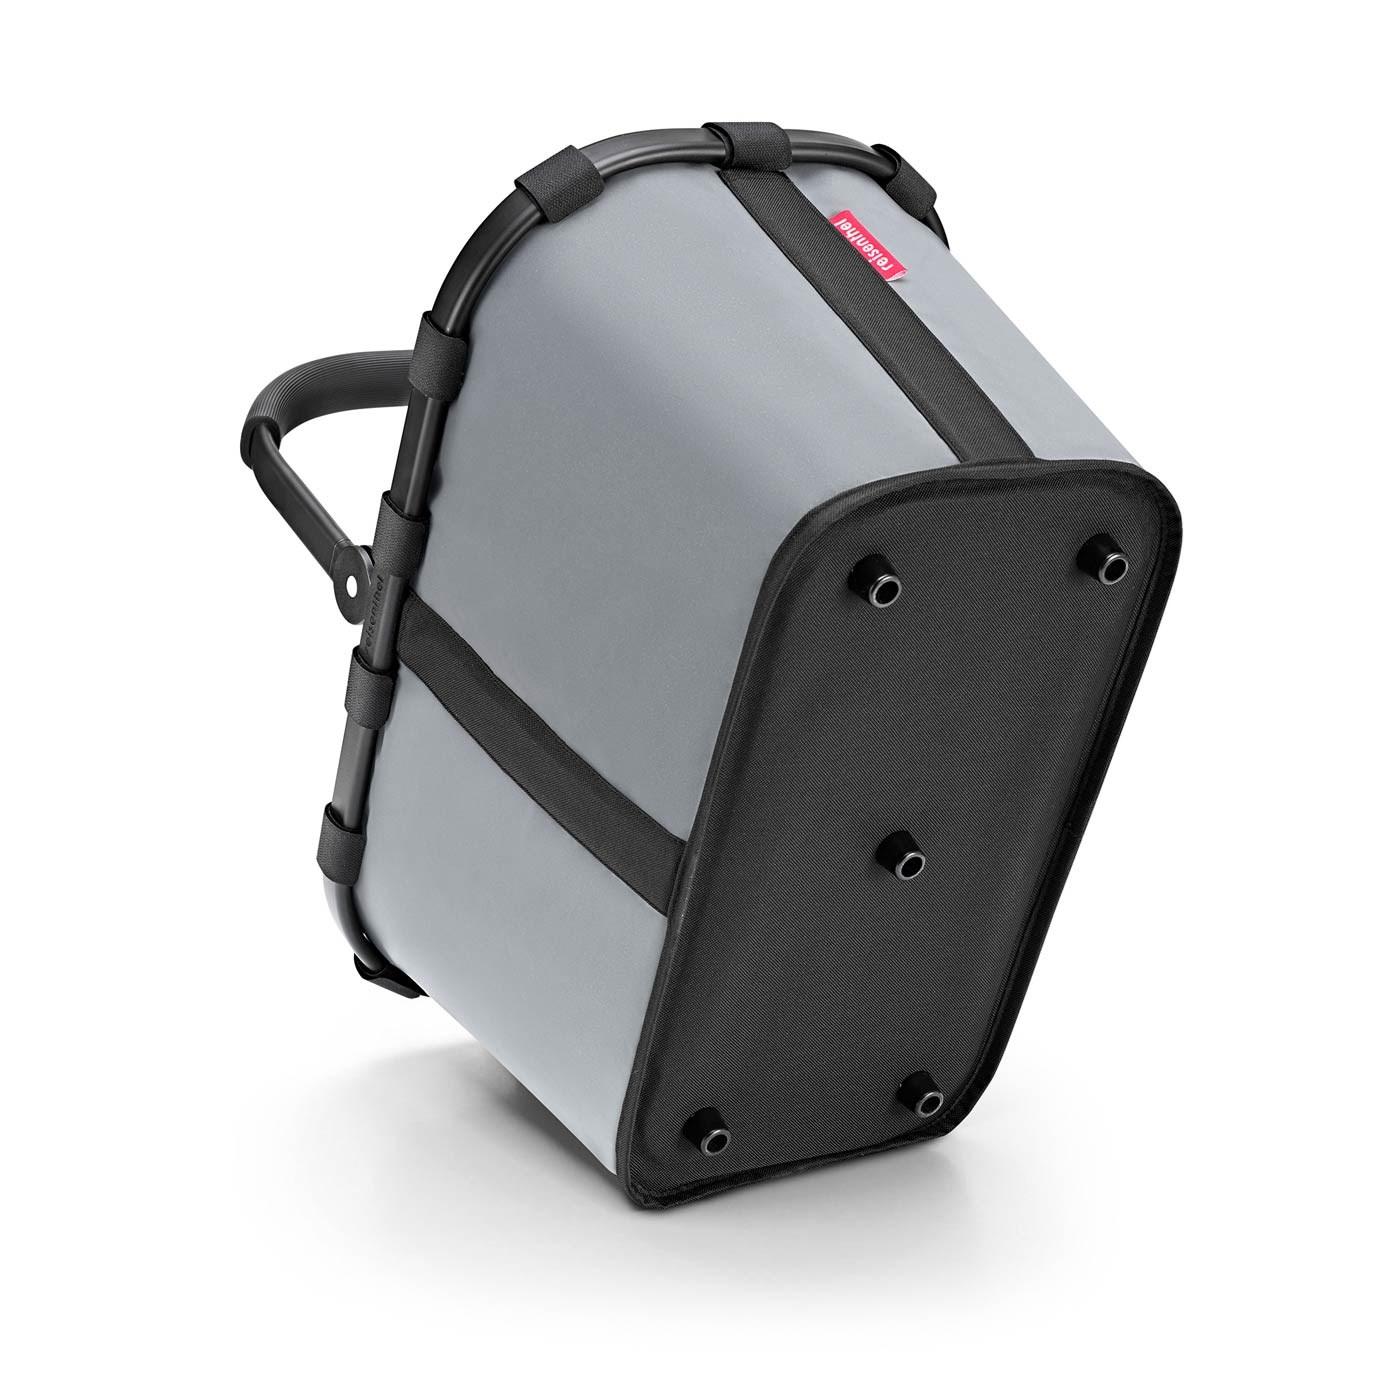 Nákupní košík Carrybag frame reflective_4